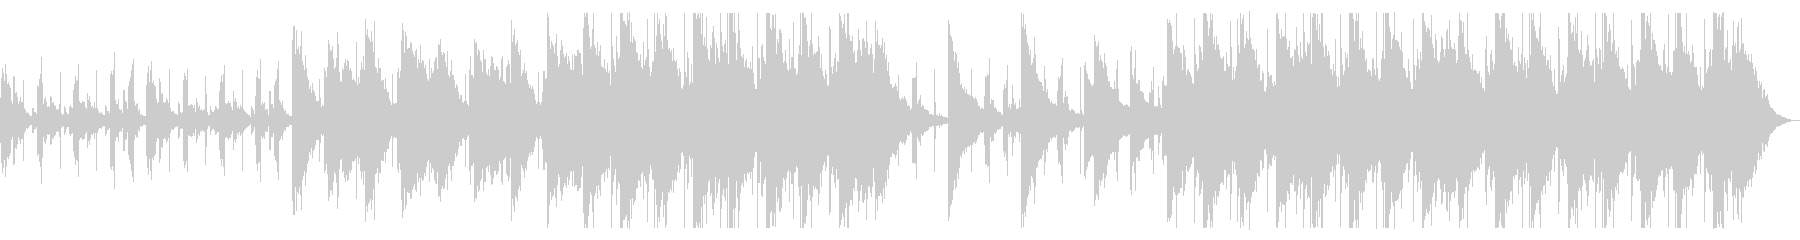 ふわふわとしたチルBGM_2の未再生の波形